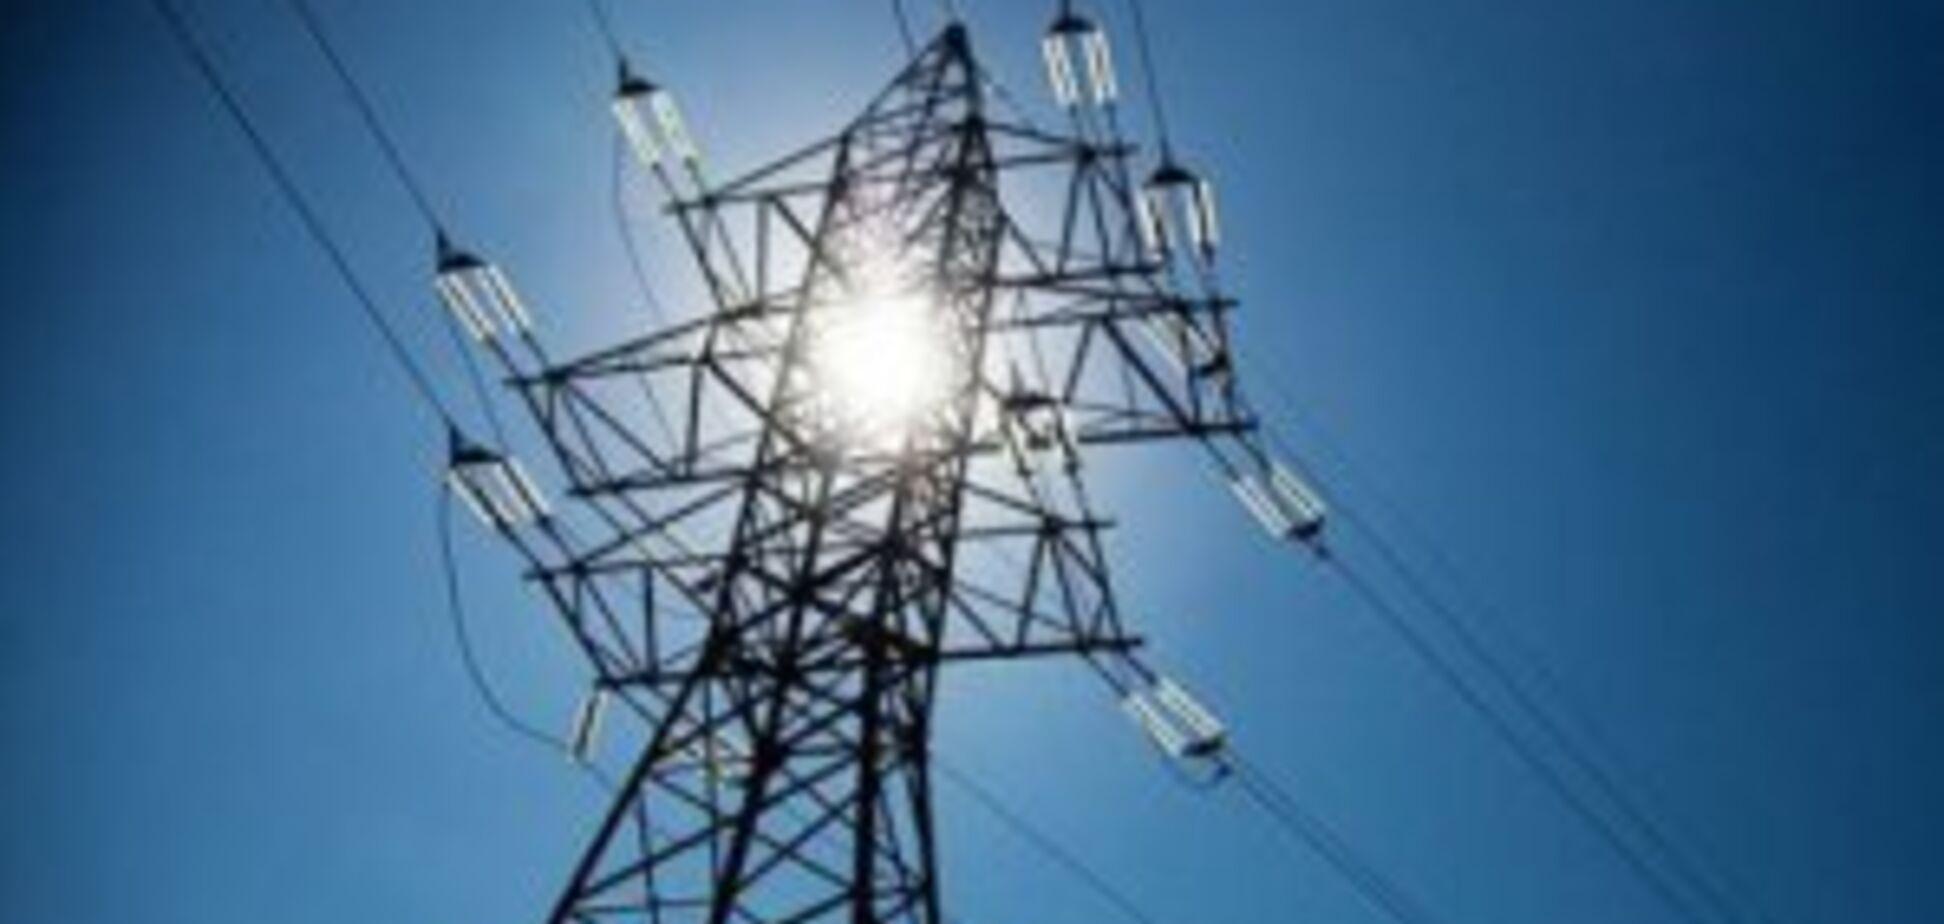 Новий ринок електроенергії: міжнародна спільнота дала Україні чіткий сигнал